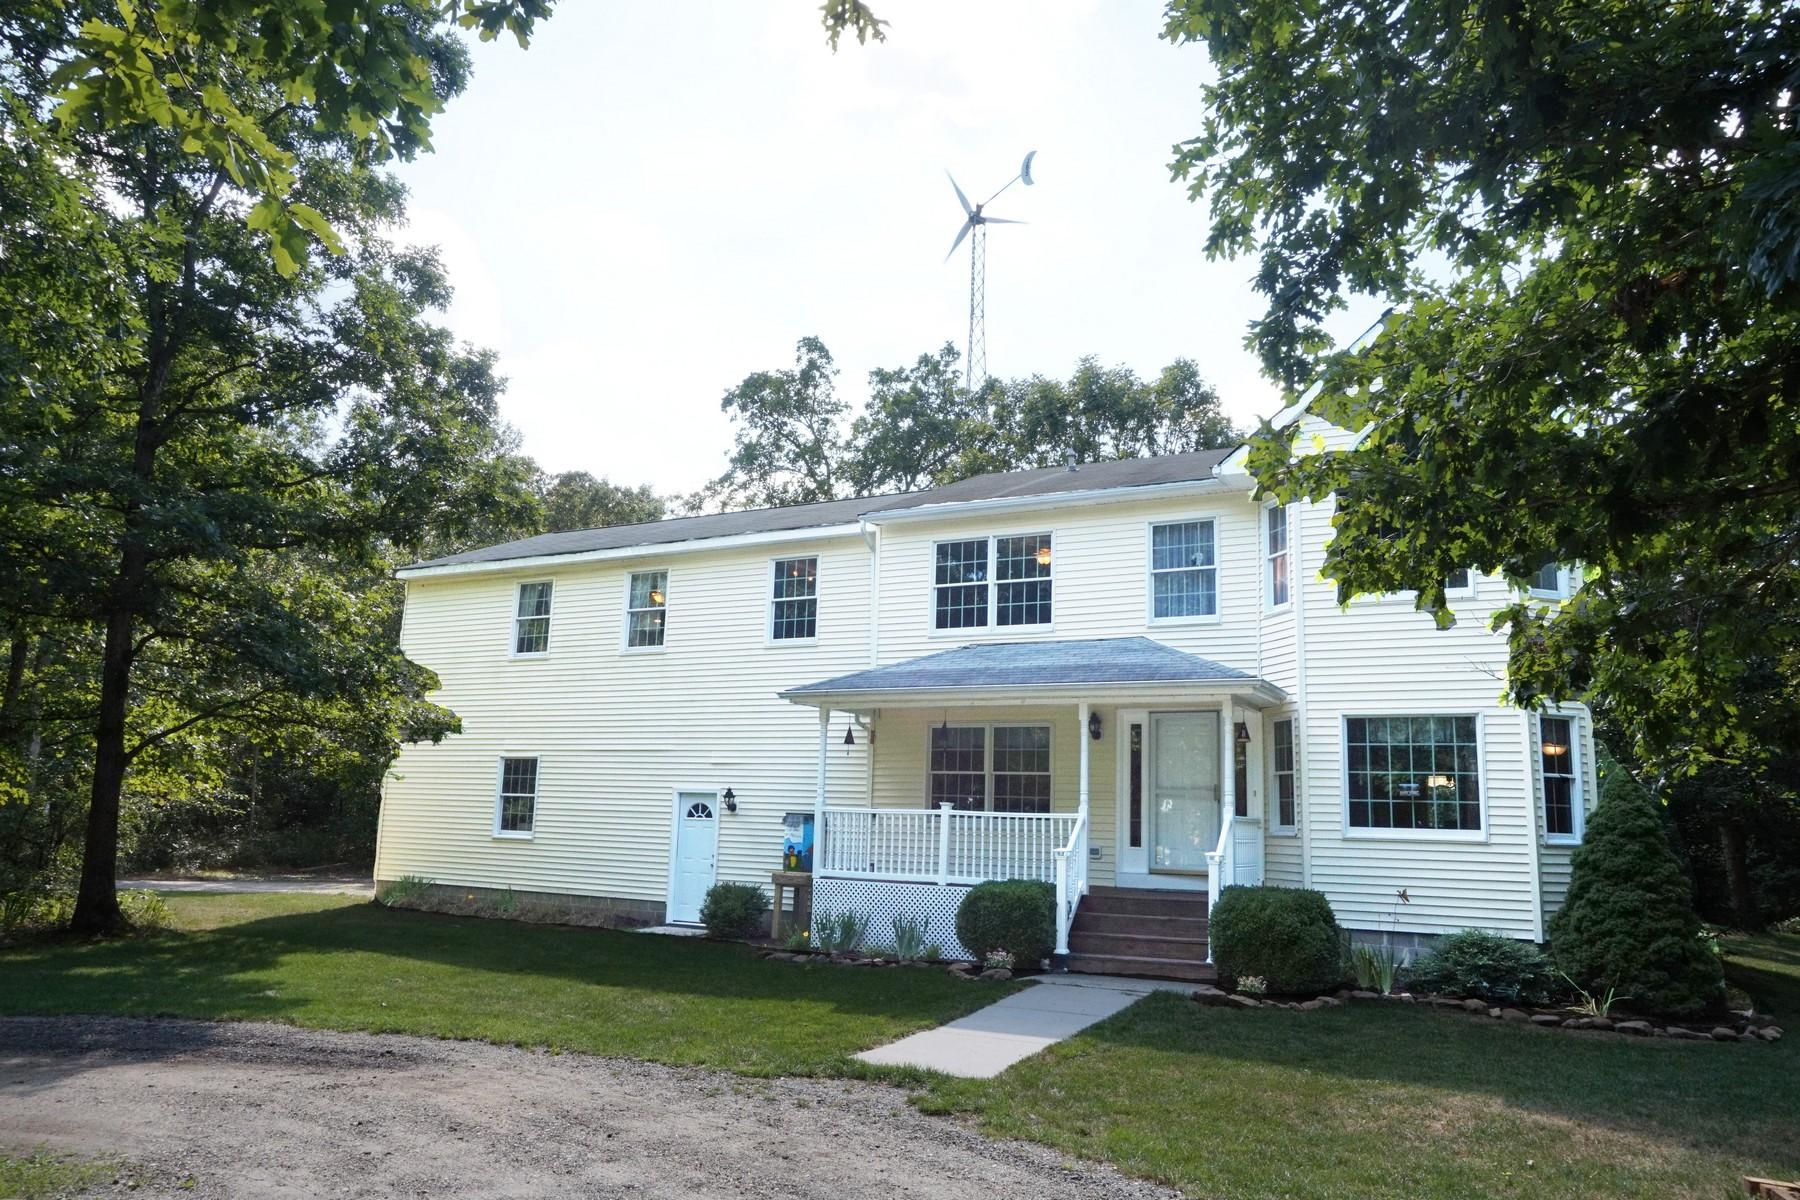 独户住宅 为 销售 在 Dennisville Single Family 235 Tyler Road Dennisville, 新泽西州 08214 美国